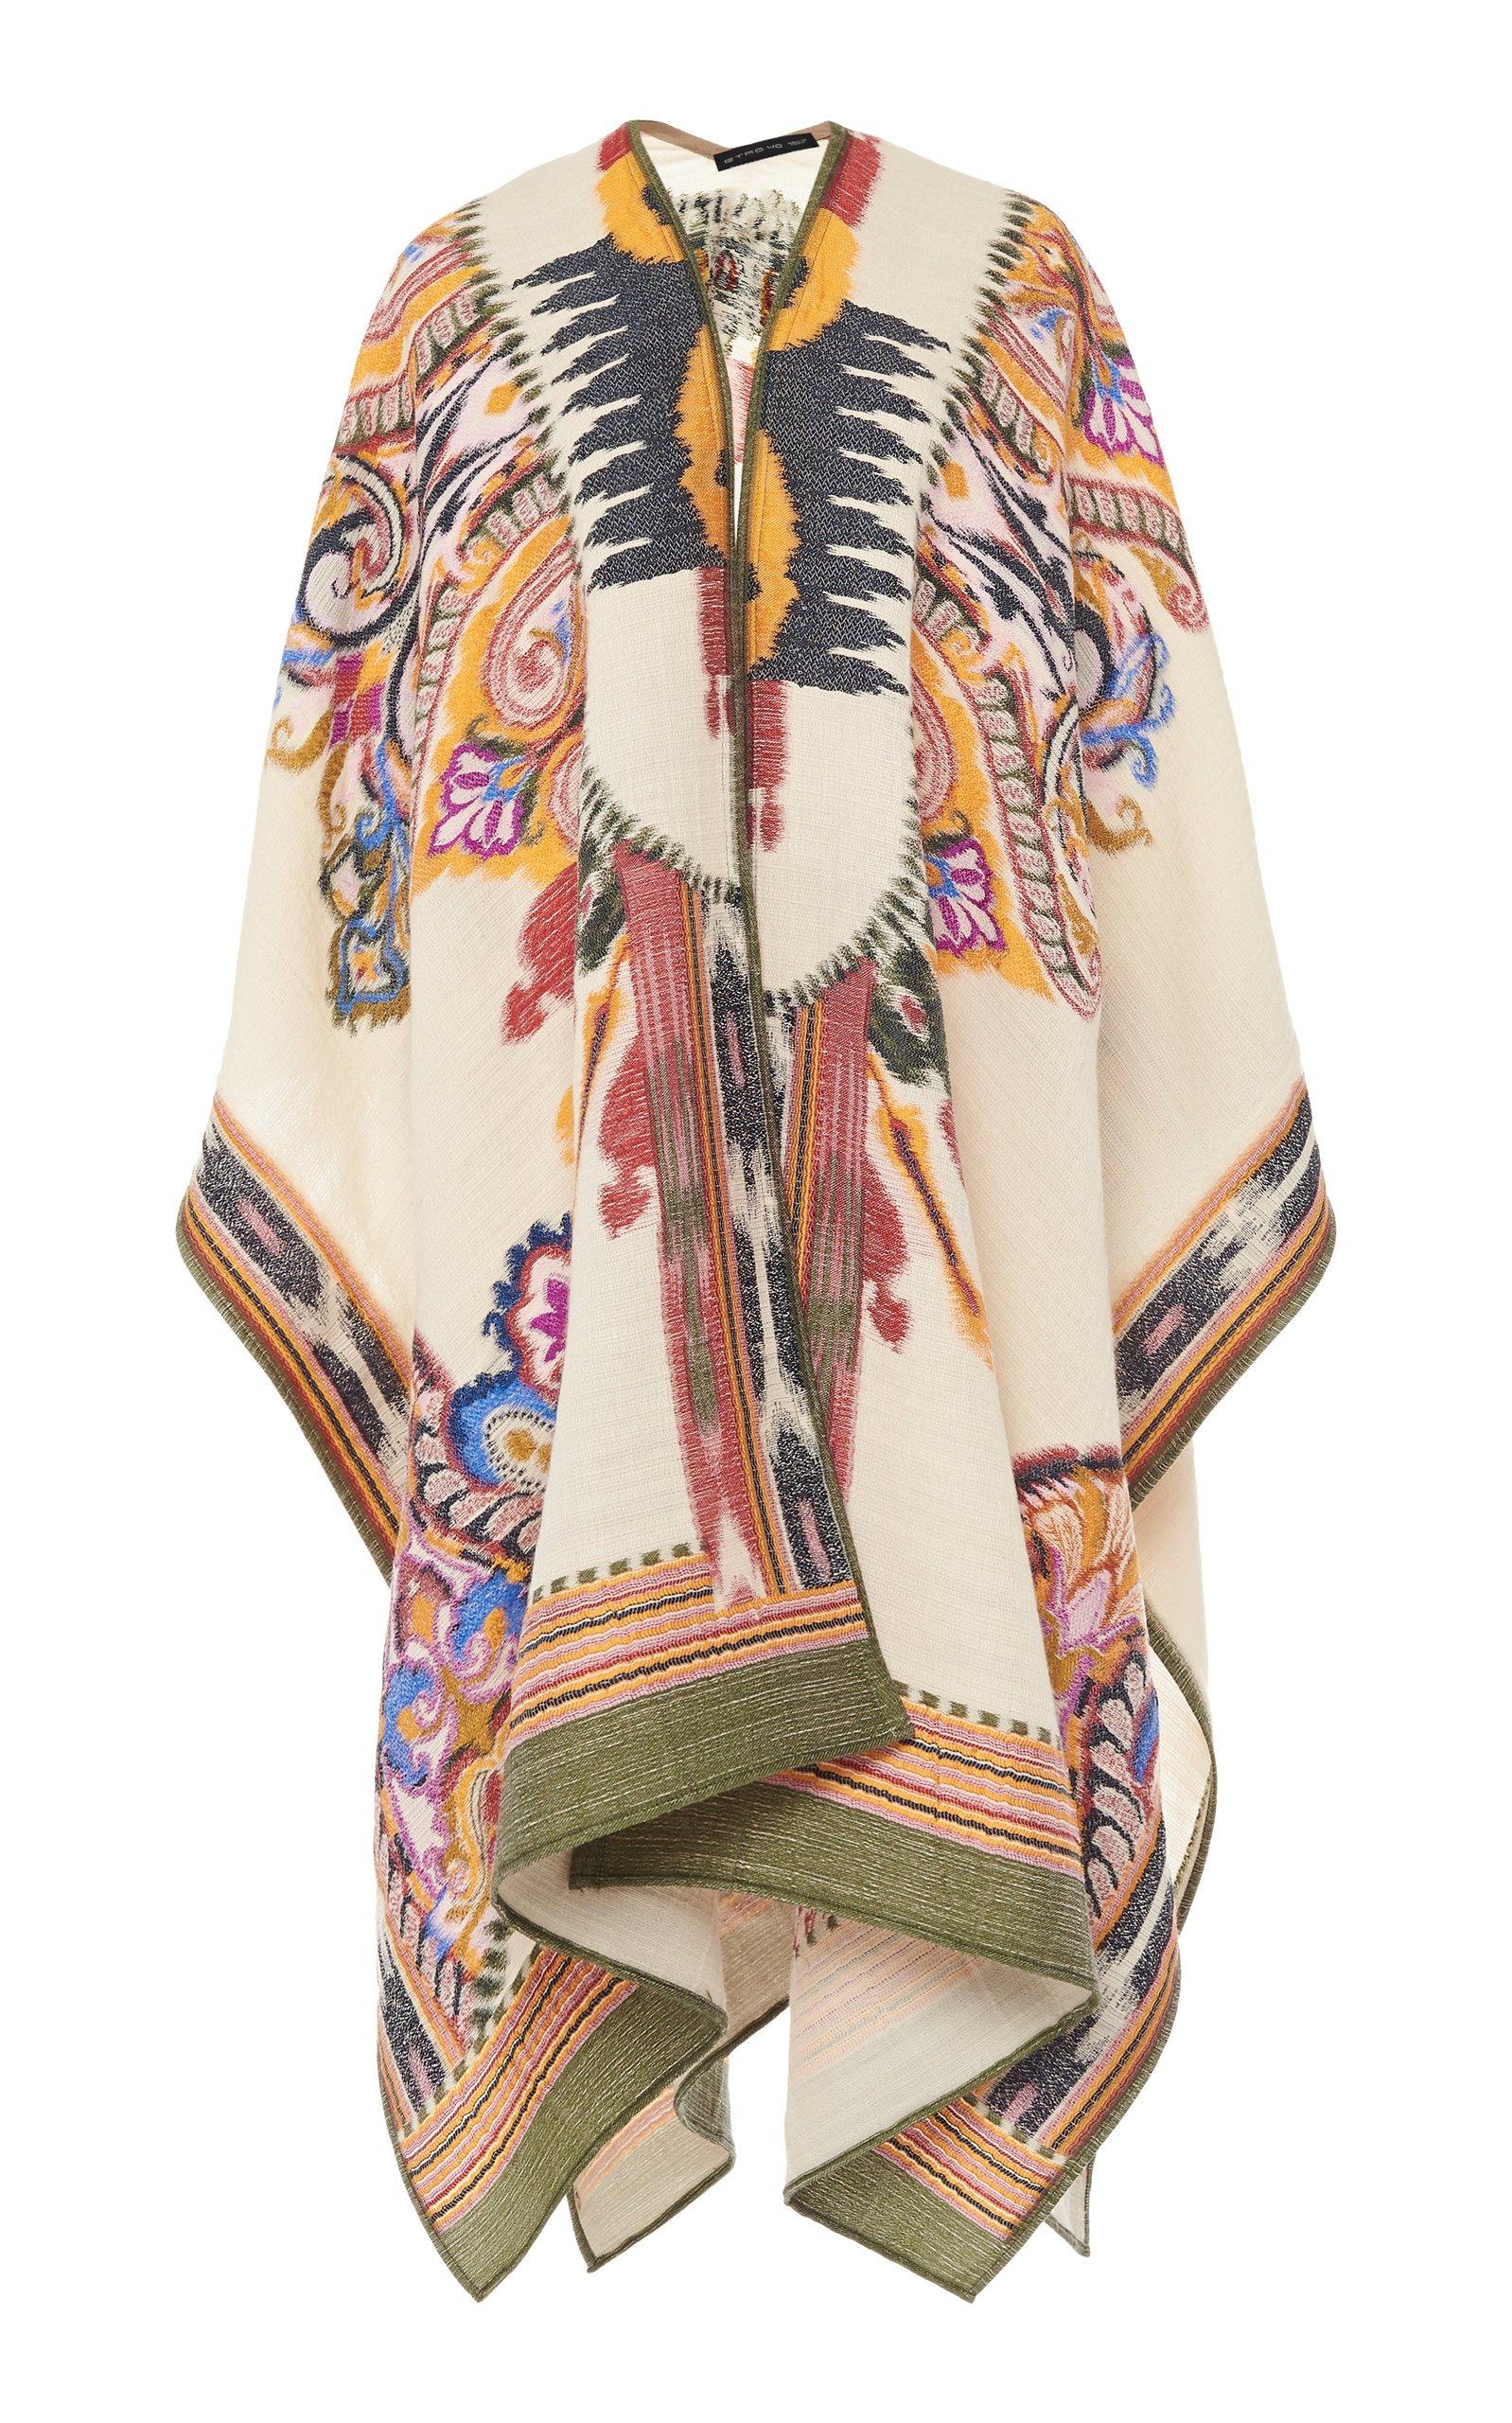 Etro Multicolored Woven Poncho